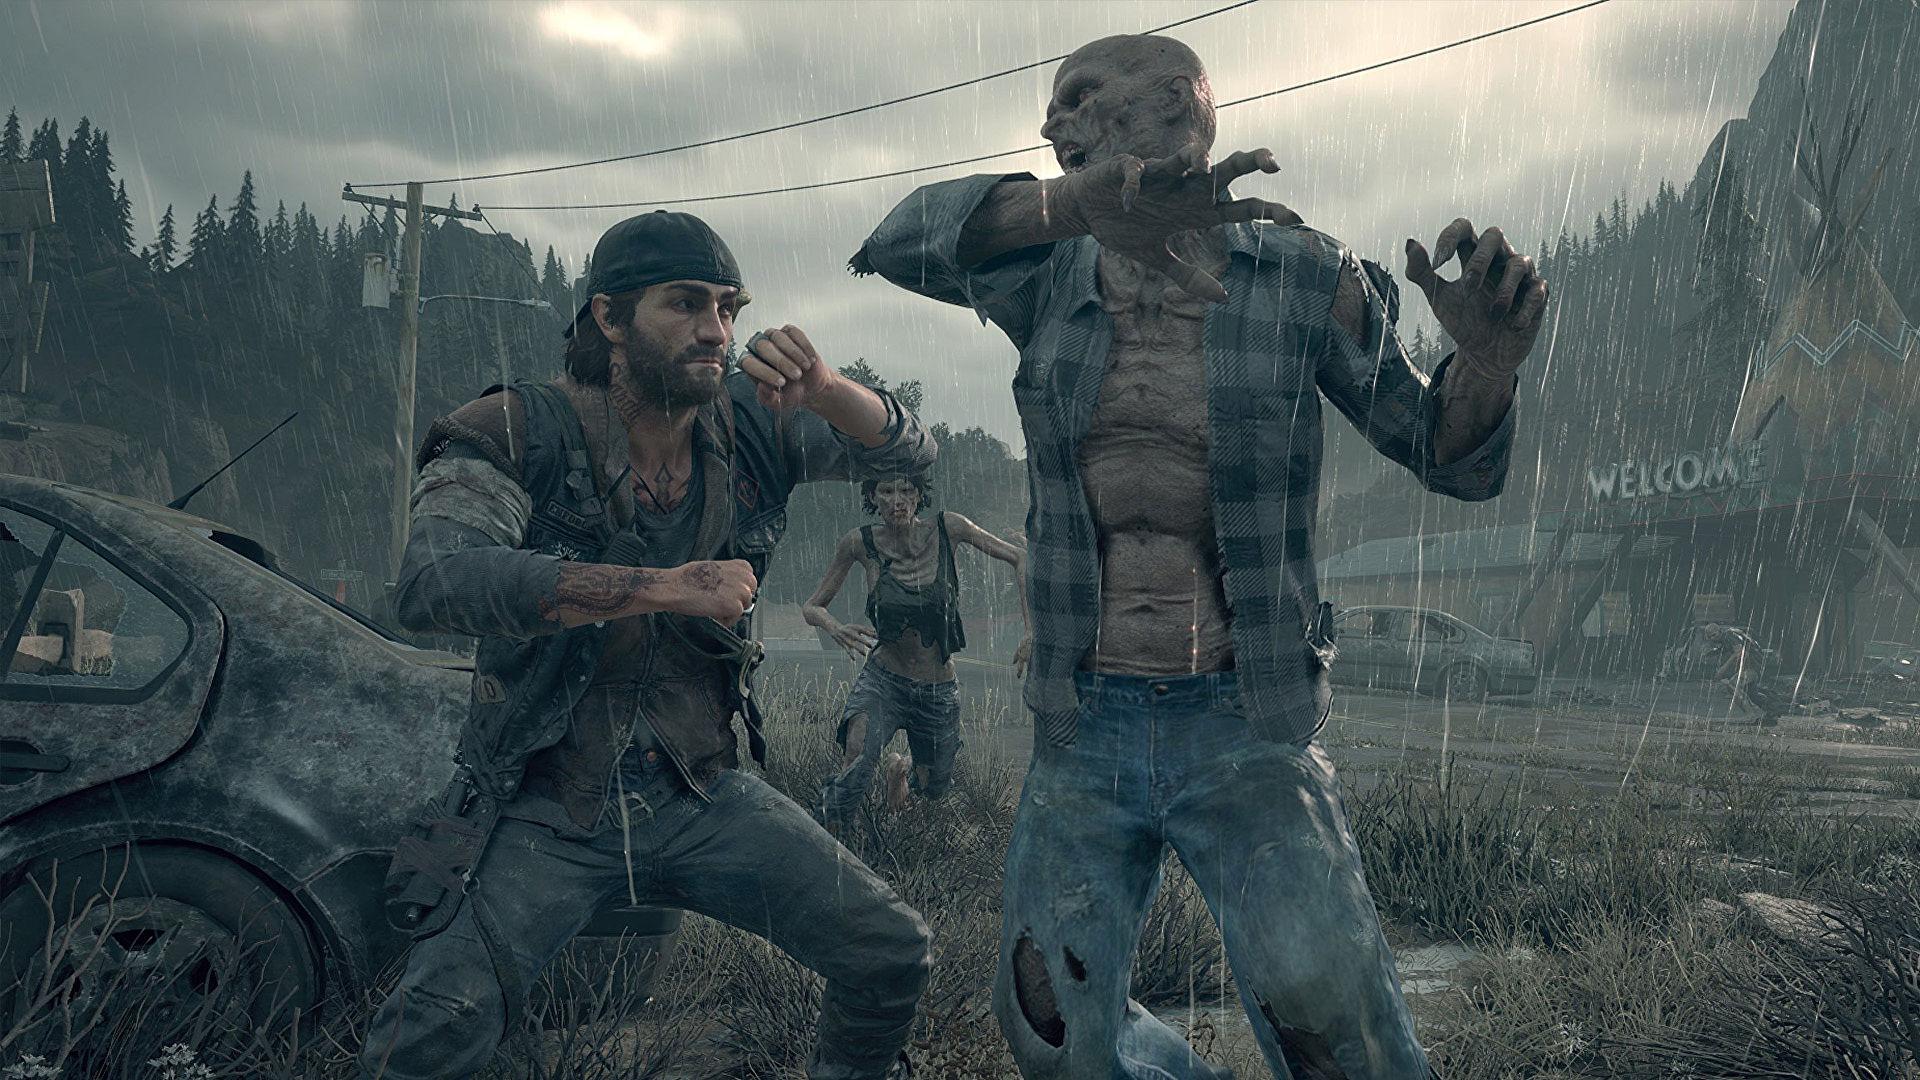 Games like Resident Evil - Days Gone